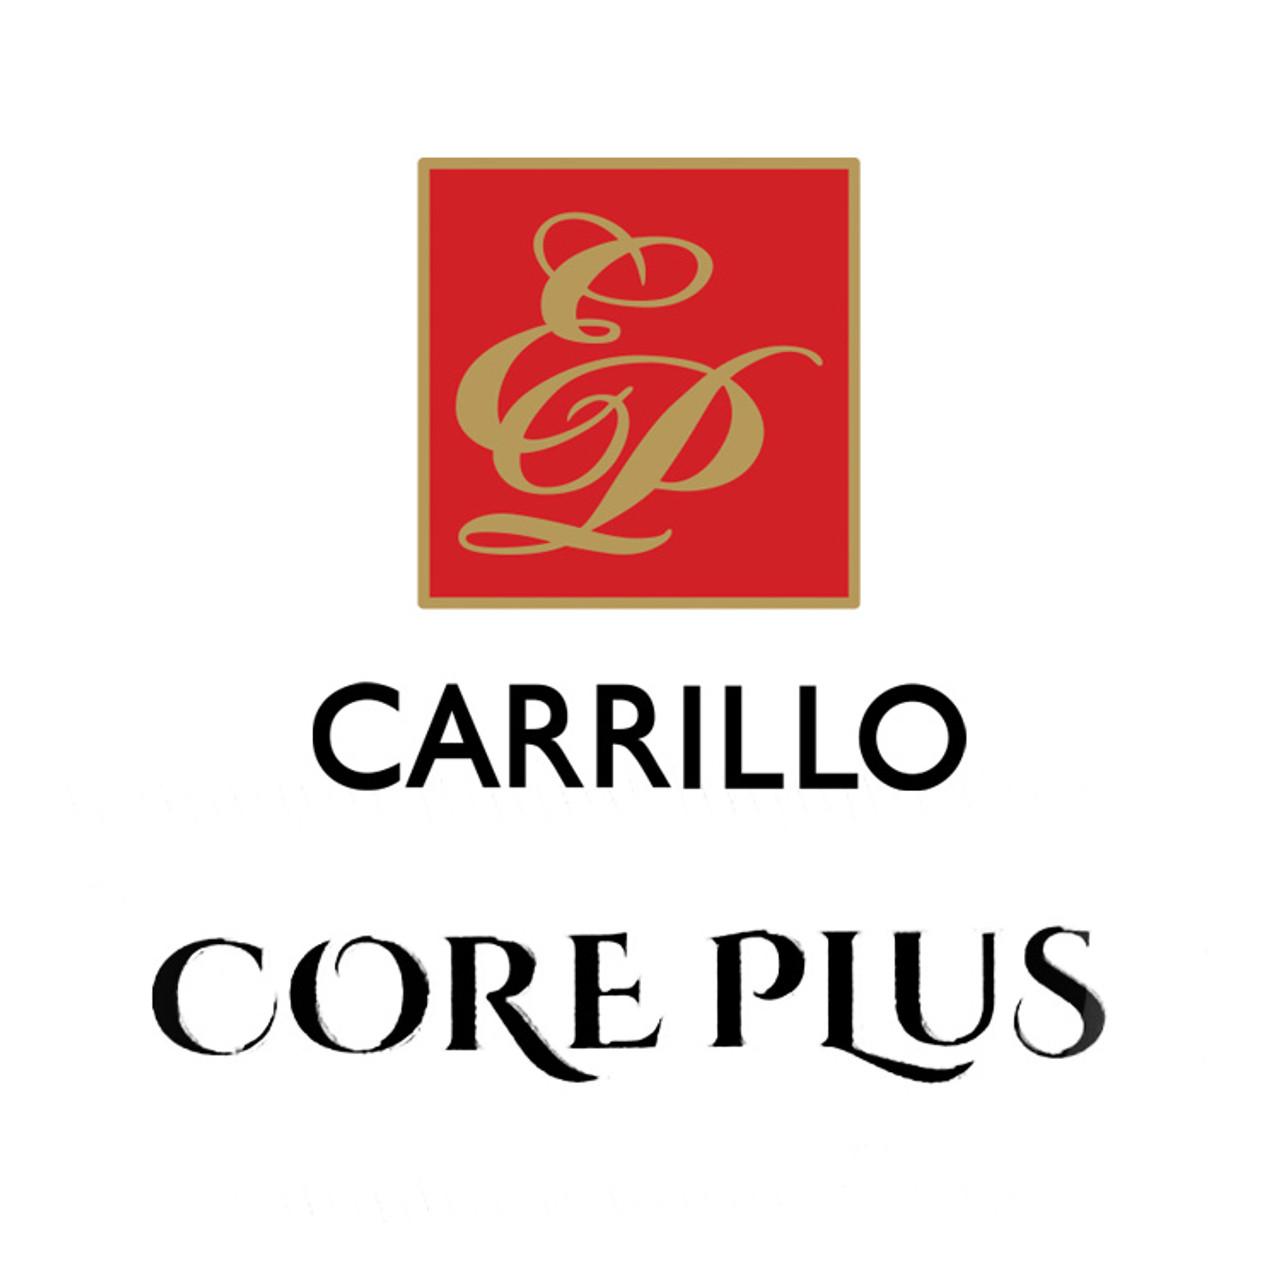 E.P. Carrillo Core Plus Club 52 Maduro Cigars - 6 x 52 (Box of 20)